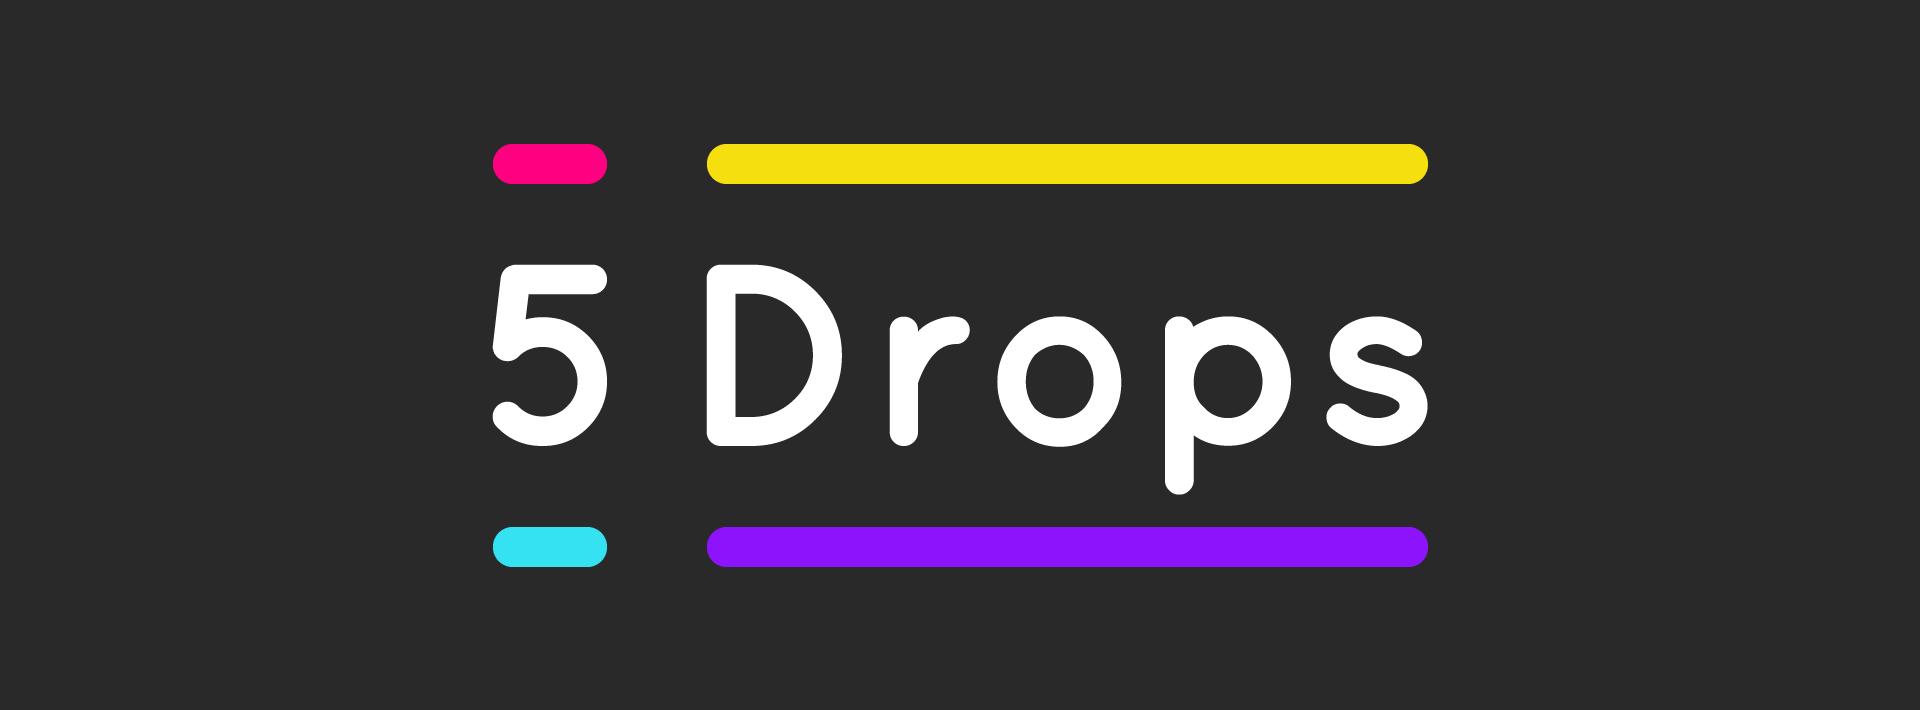 5 drops